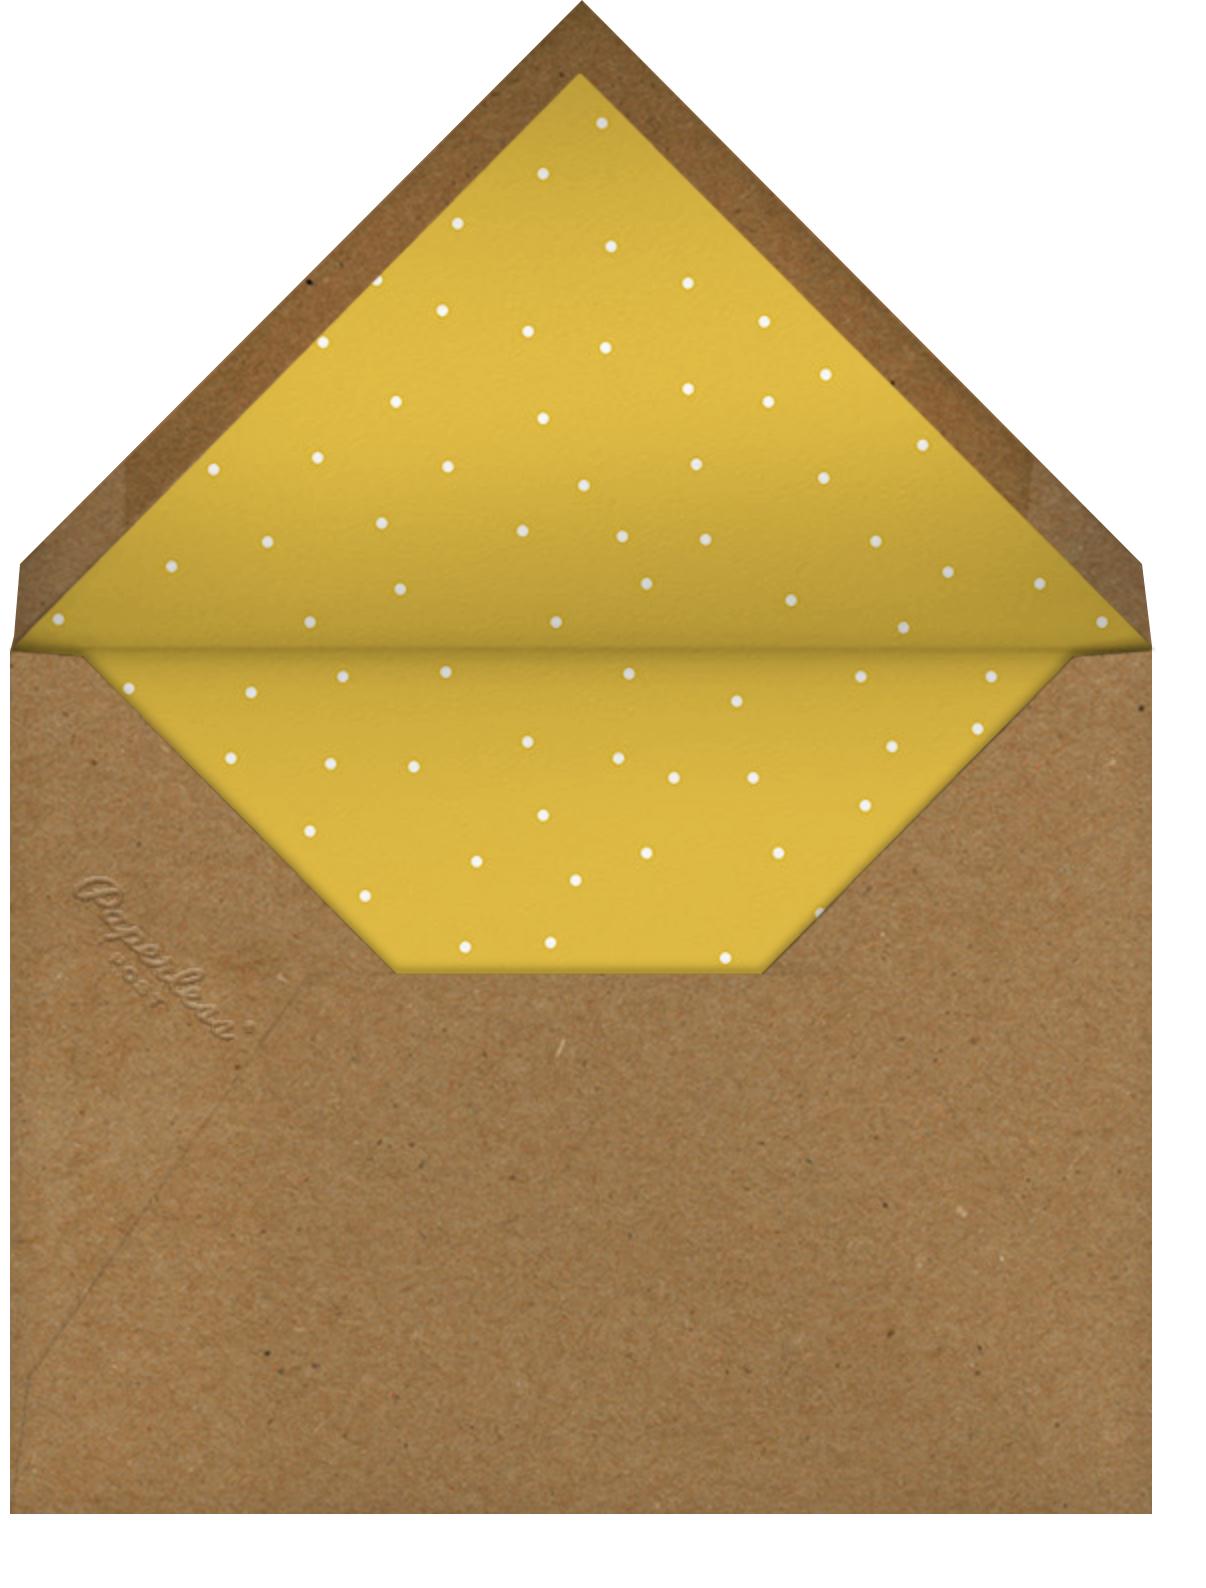 Lit Kinara (Greeting) - Paperless Post - Kwanzaa - envelope back